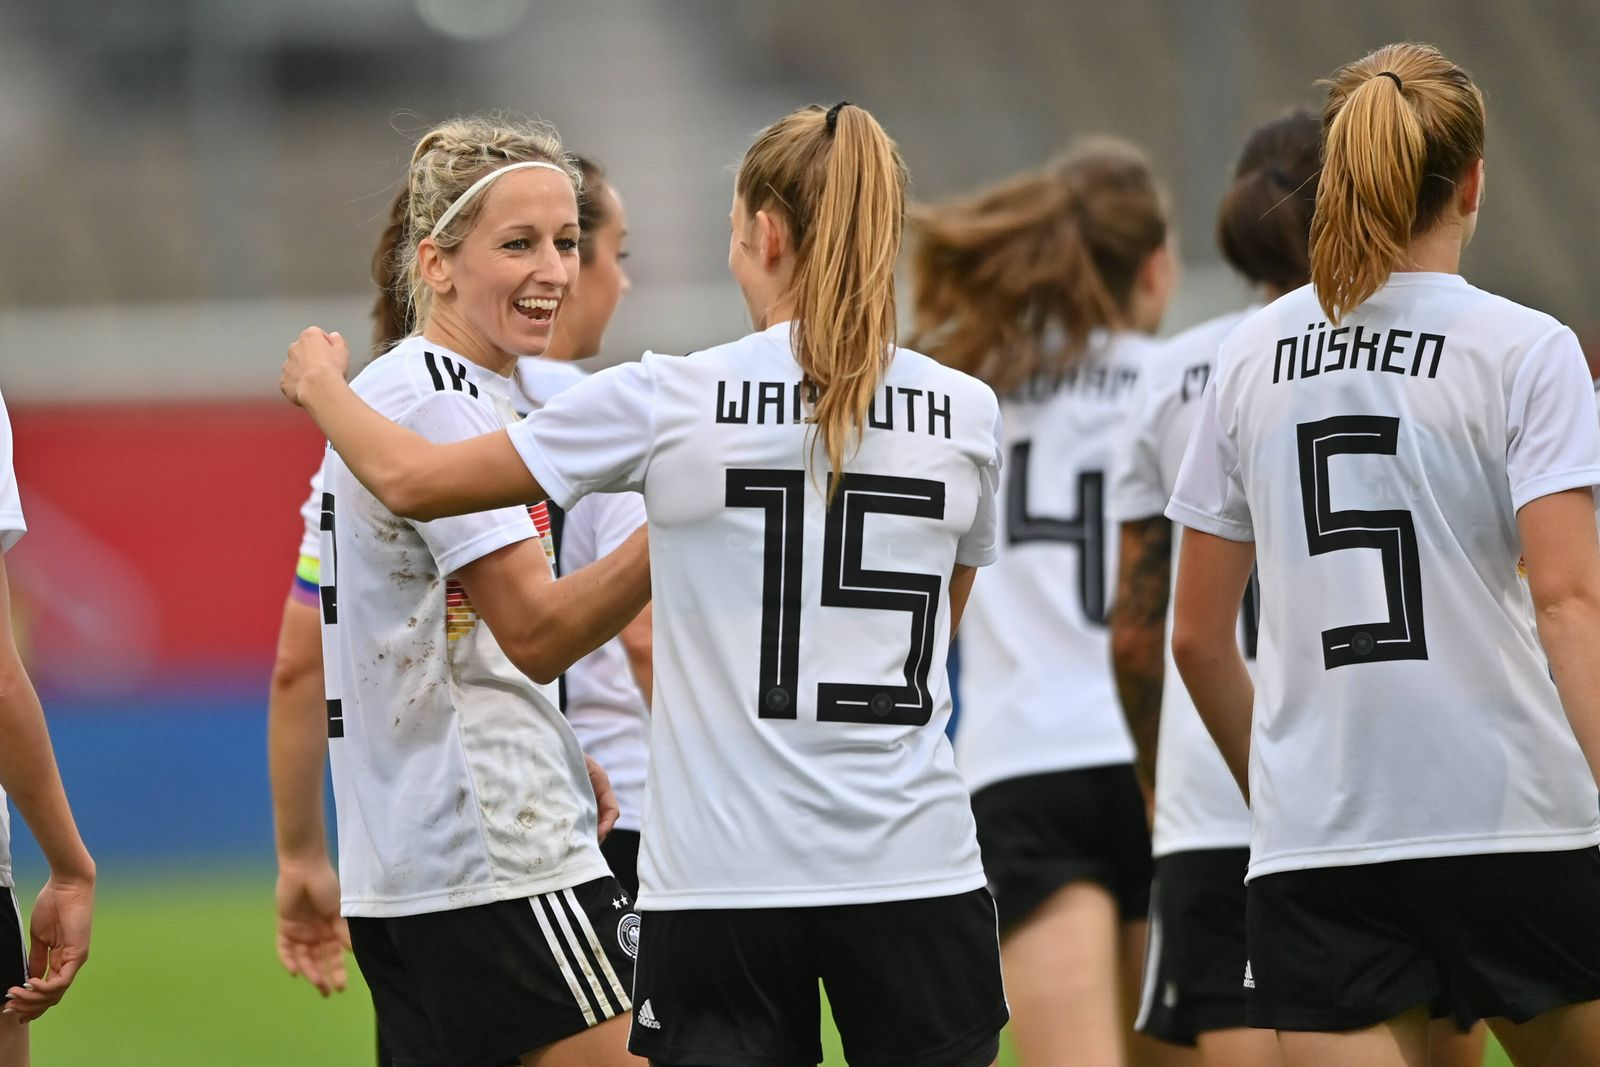 Jubel, Freuen, celebrate, happy, cheer , Goal Celebration DFB Frauen 4:0, 9/18/2021, Cottbus (Deutschland), Fussball, W